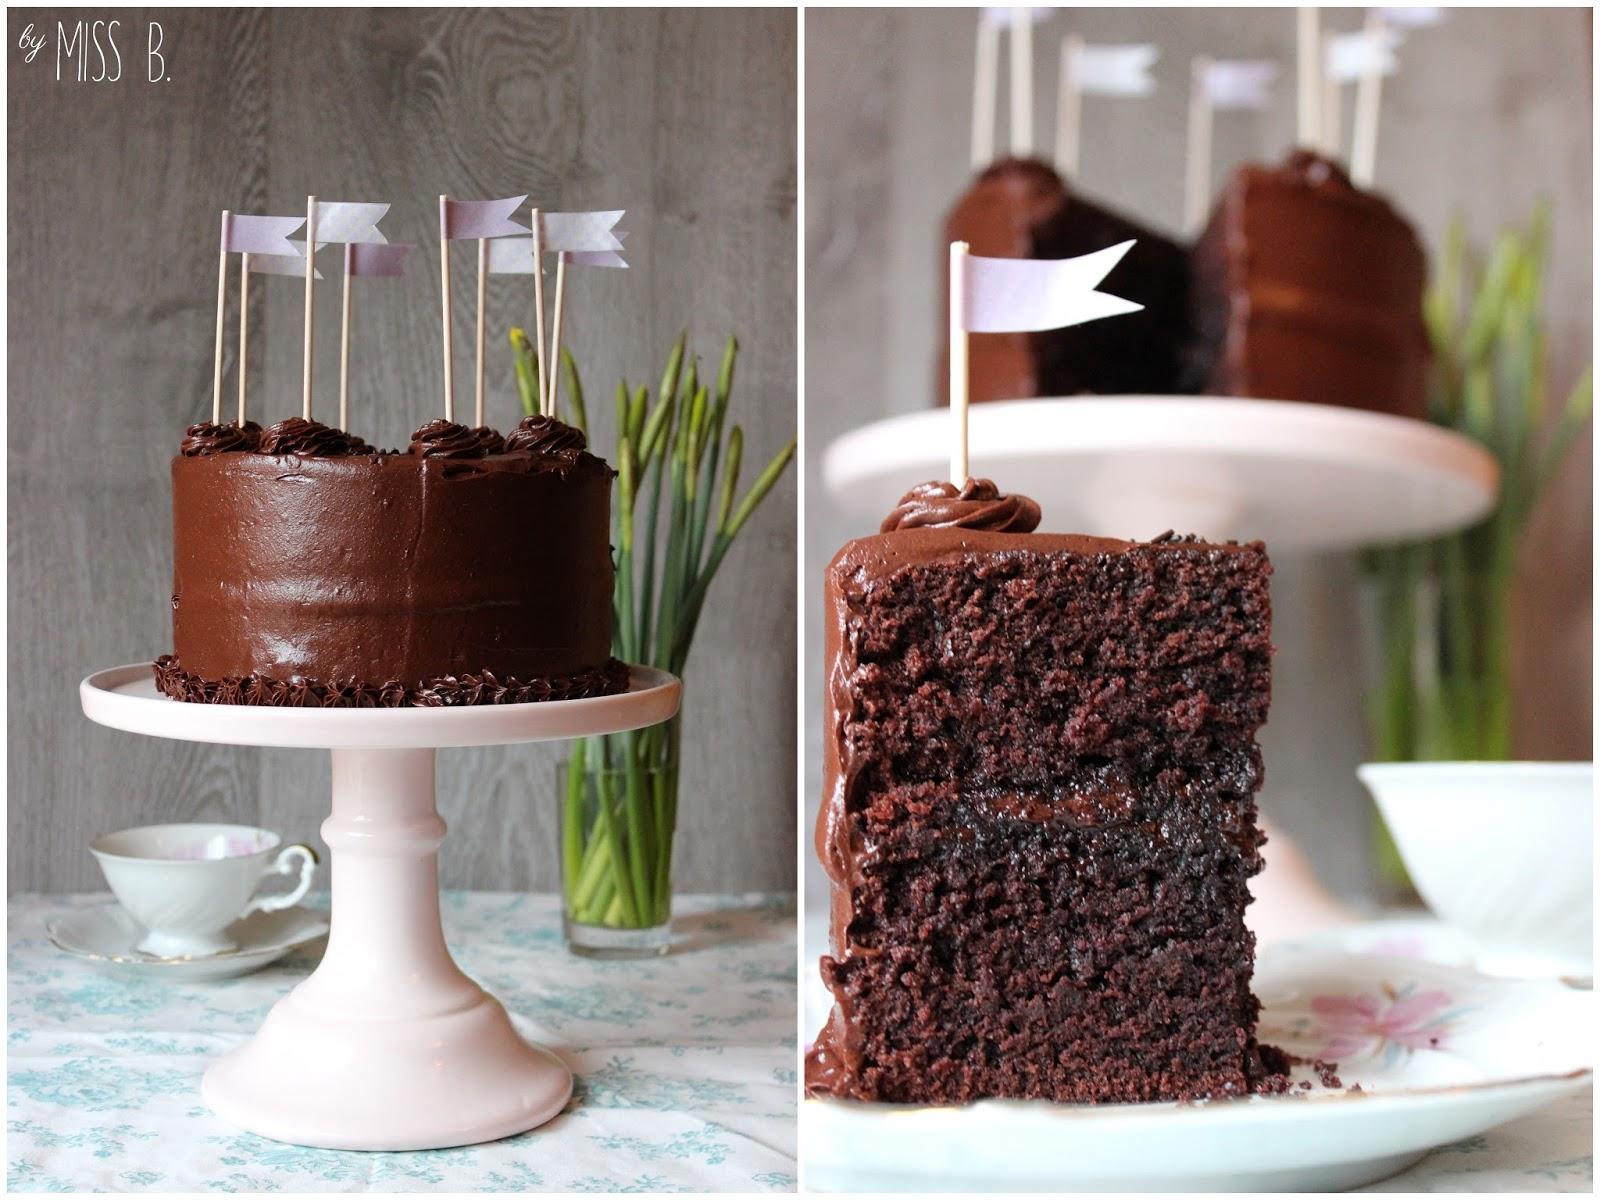 Miss Blueberrymuffin S Kitchen Eine Schokoladen Torte Von Linda